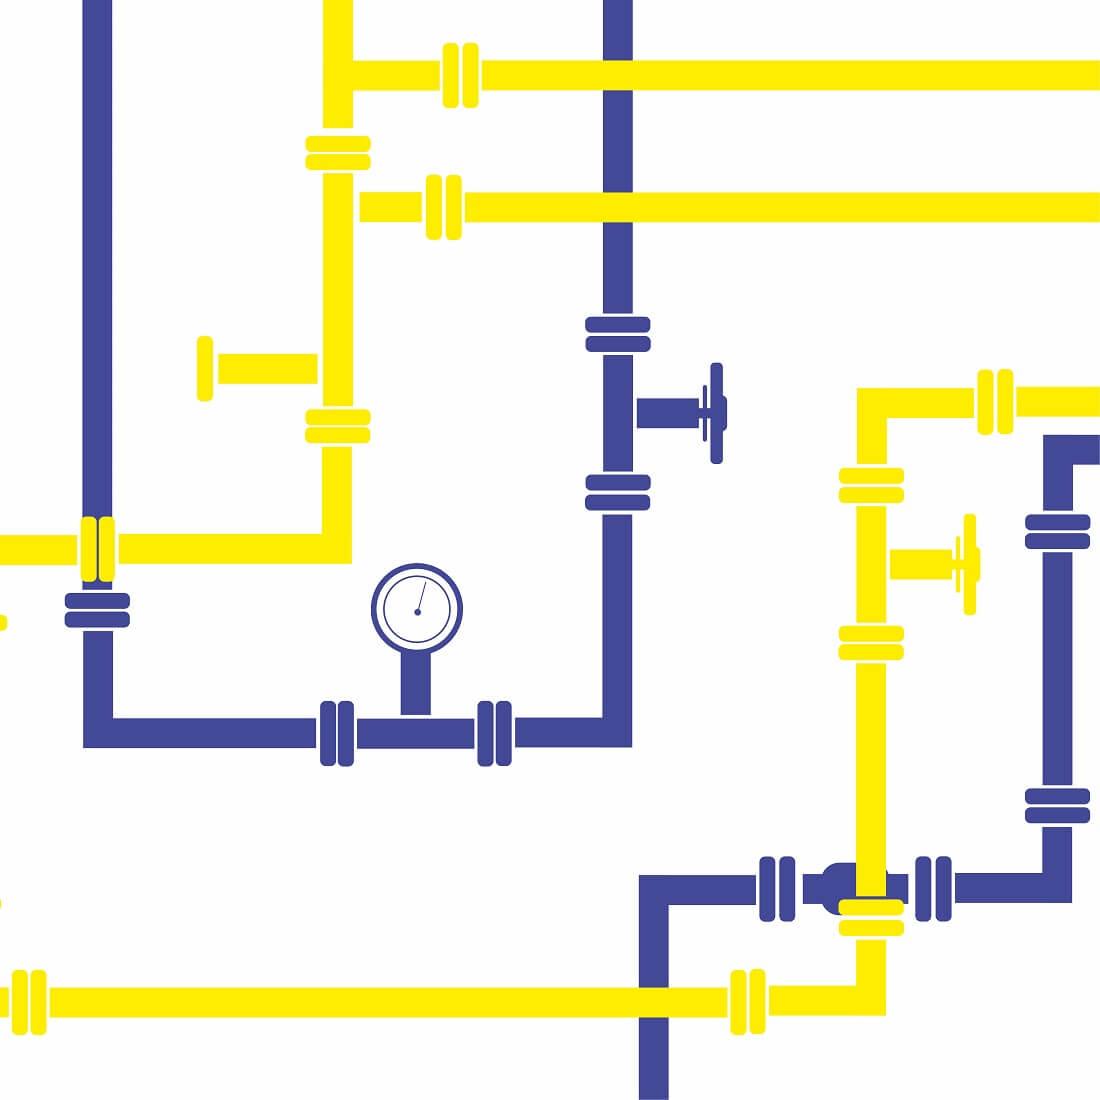 Druckgeräterichtlinie: Rechtsvorschriftenangleichung über Druckgeräte